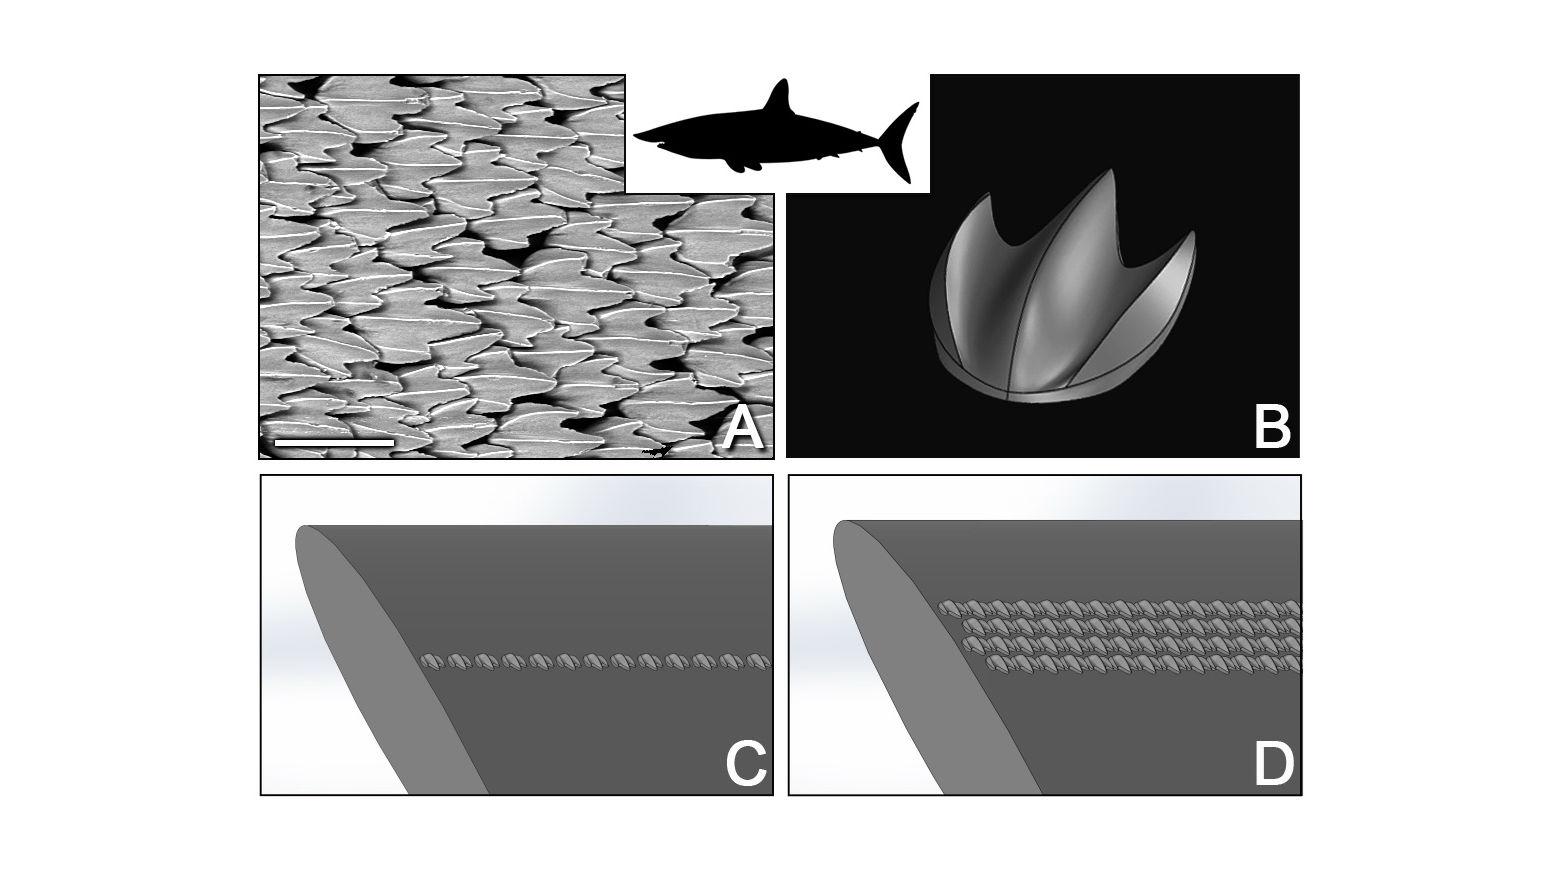 Изображение чешуи акул-мако, полученное при помощи сканирующего электронного микроскопа (А), и его параметрическая трёхмерная модель (B). Такие чешуйки расположены в широком диапазоне различных конфигураций на аэродинамическом профиле (C и D).